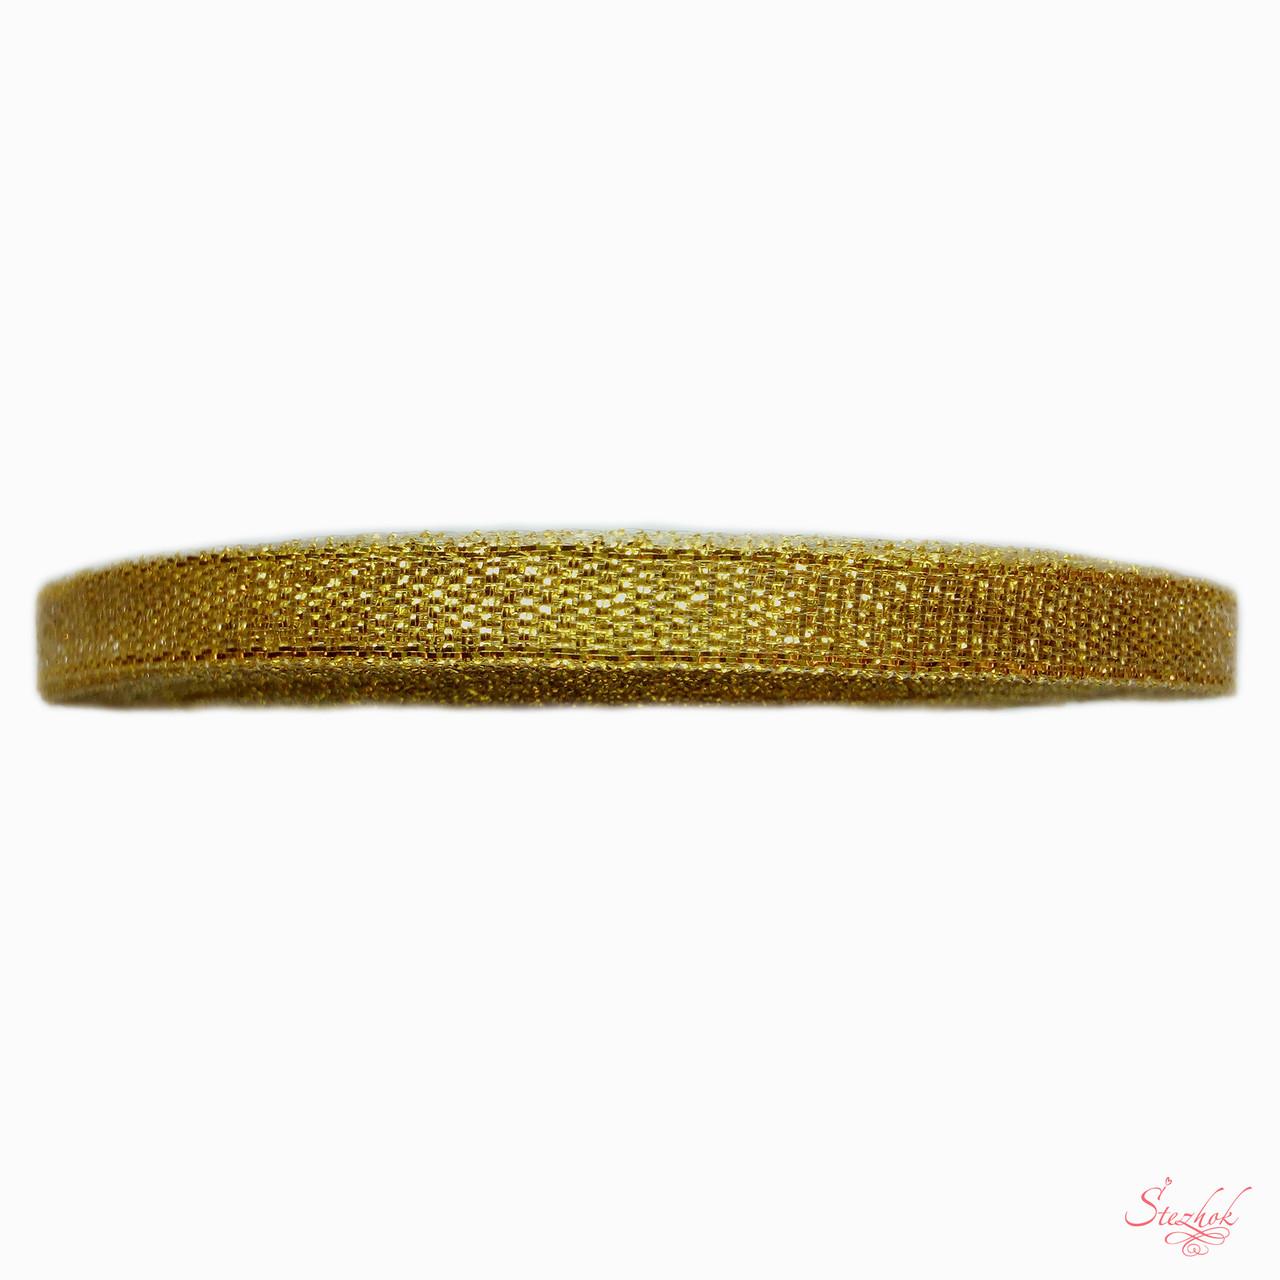 Парчовая лента из органзы и золотой нити 6мм 1м для рукоделия